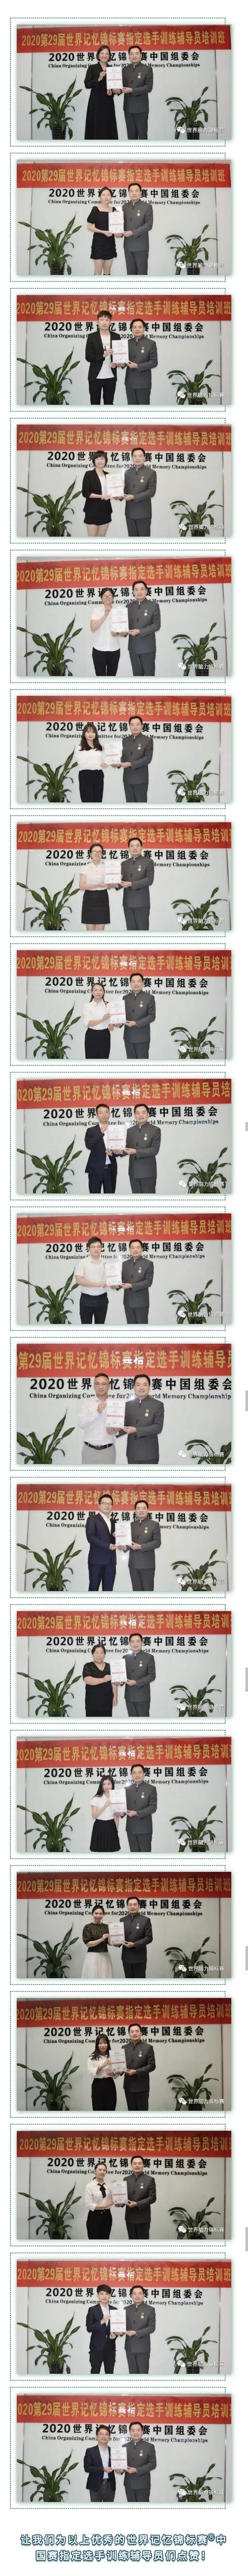 微信图片_20200910171705